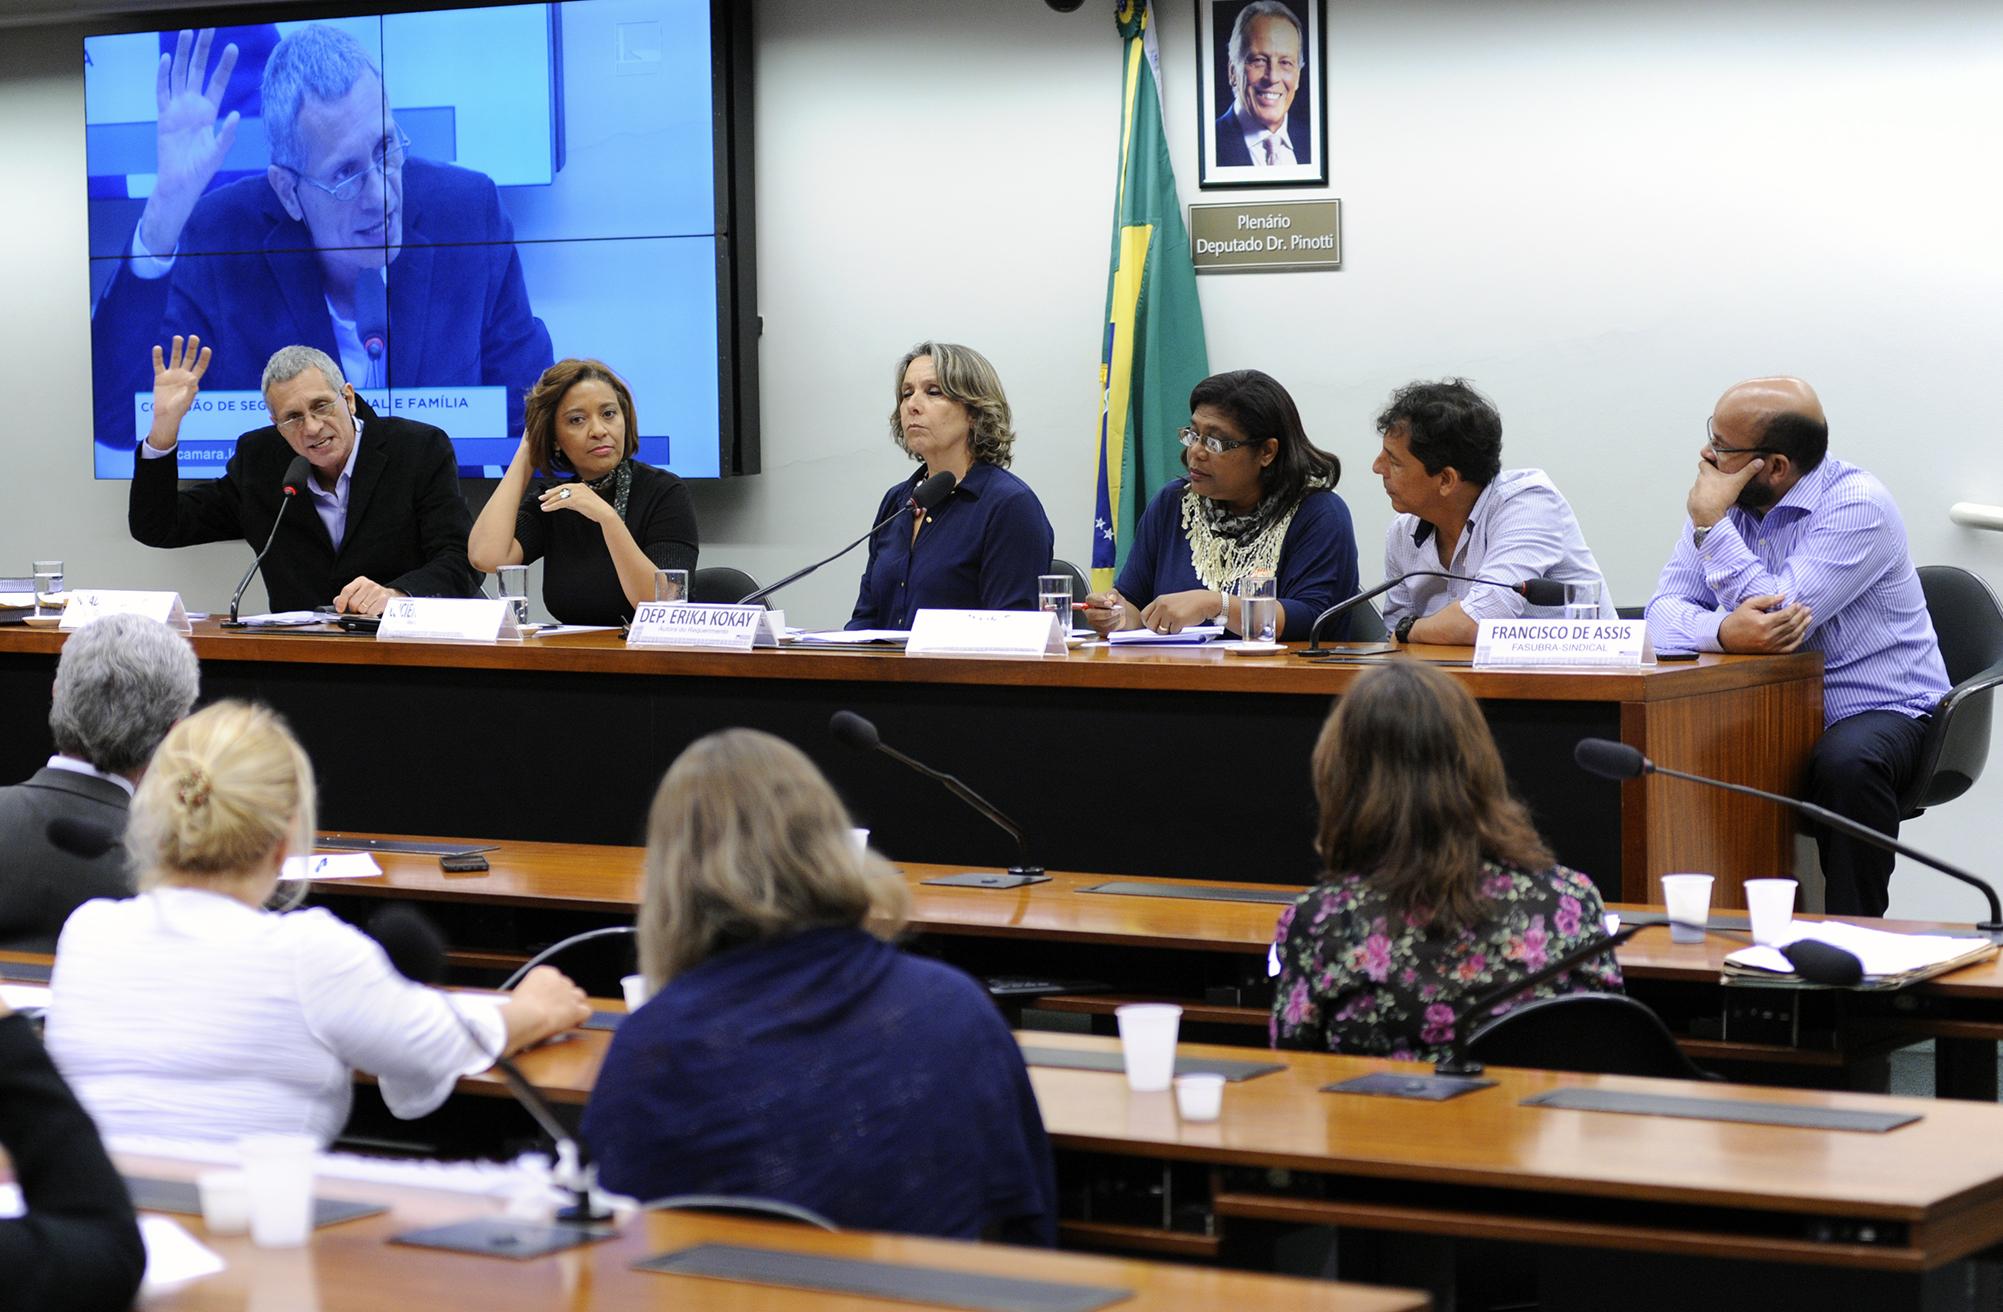 Seminário para discutir a autonomia das Universidades Federais sobre a gestão das atividades realizadas pelos Hospitais Universitários